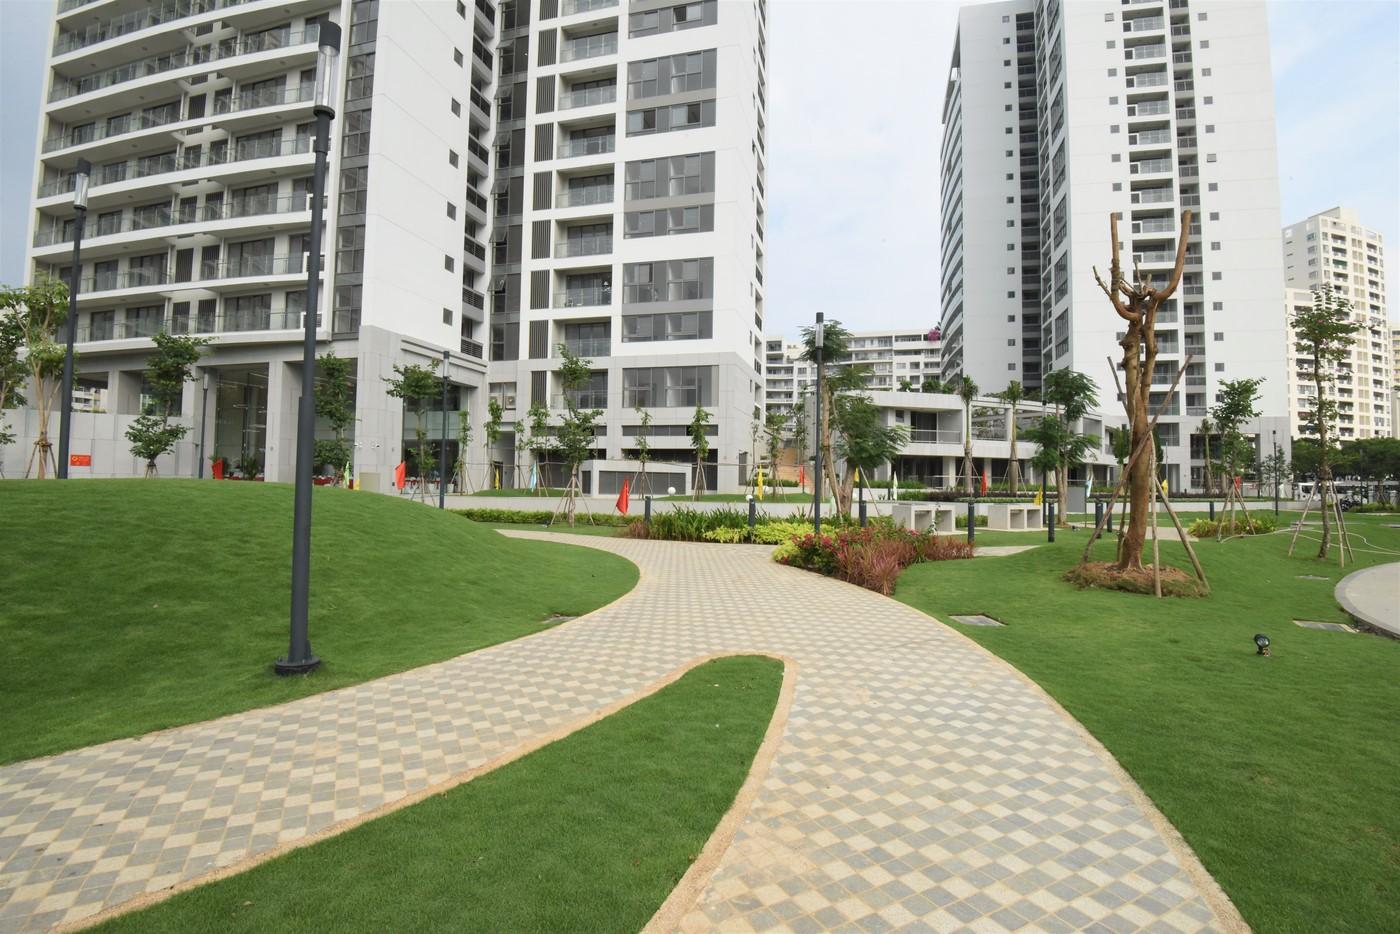 DSC 8268 Copy - Nhận nhà mới - đón năm mới cùng cư dân Riverpark Premier